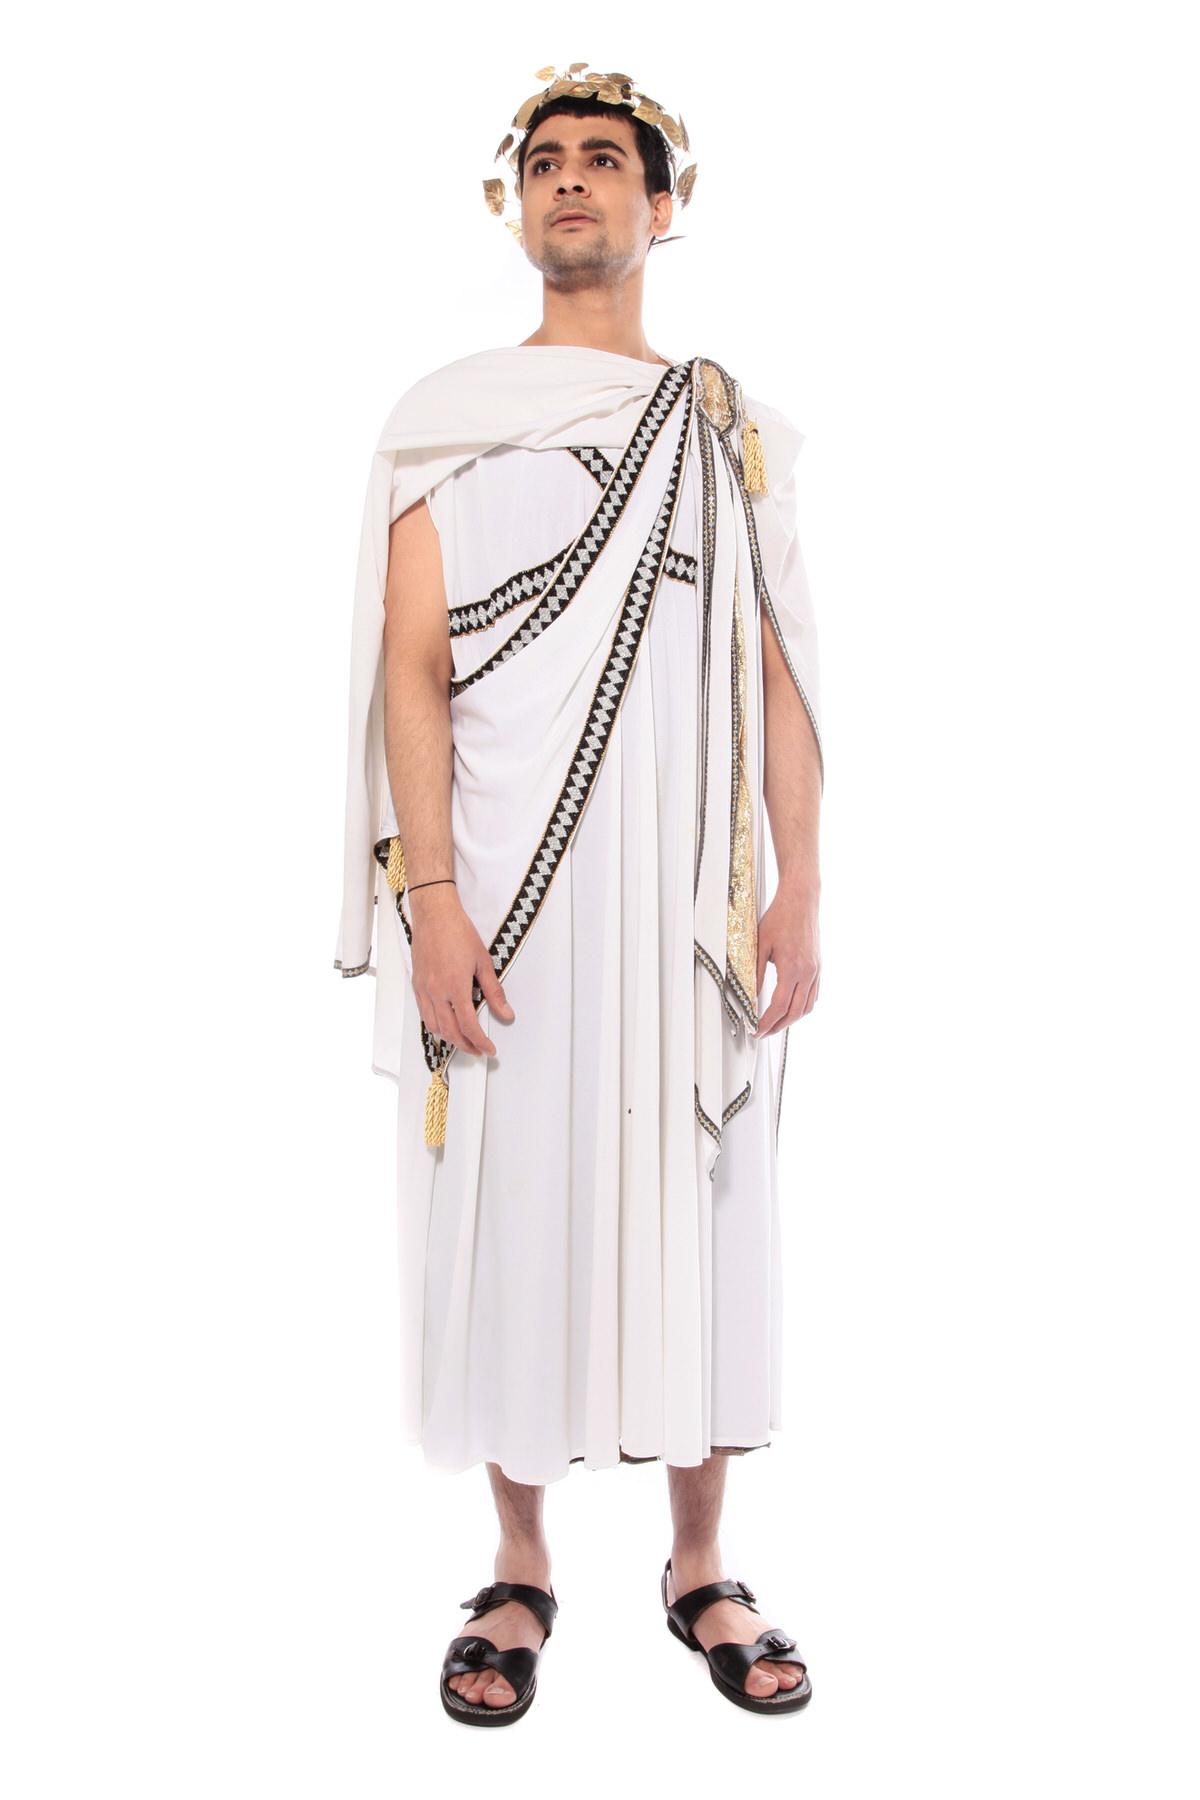 ROMAN EMPEROR COSTUME W LONG WHITE TOGA